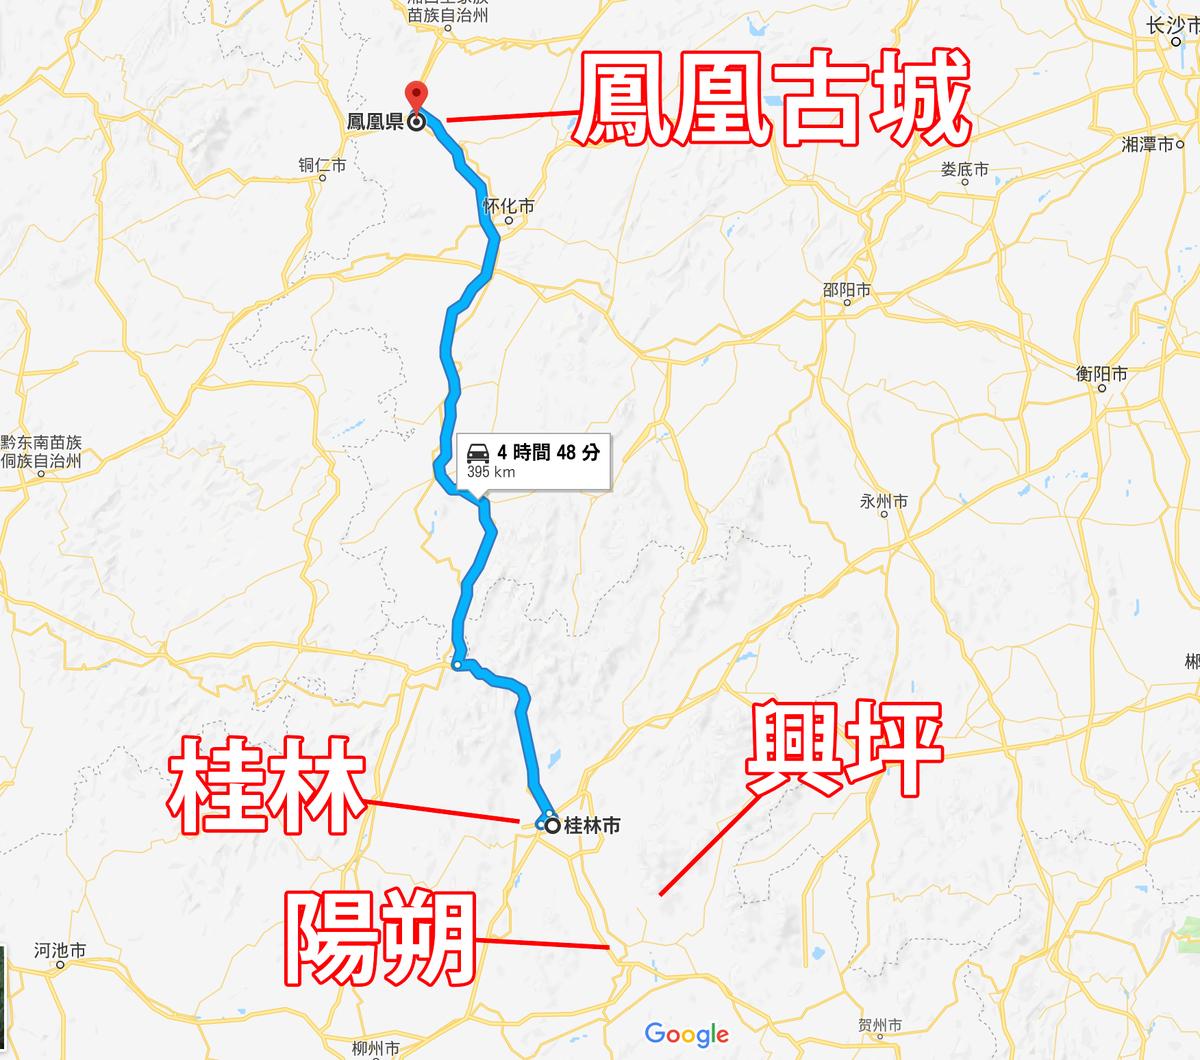 桂林〜鳳凰古城